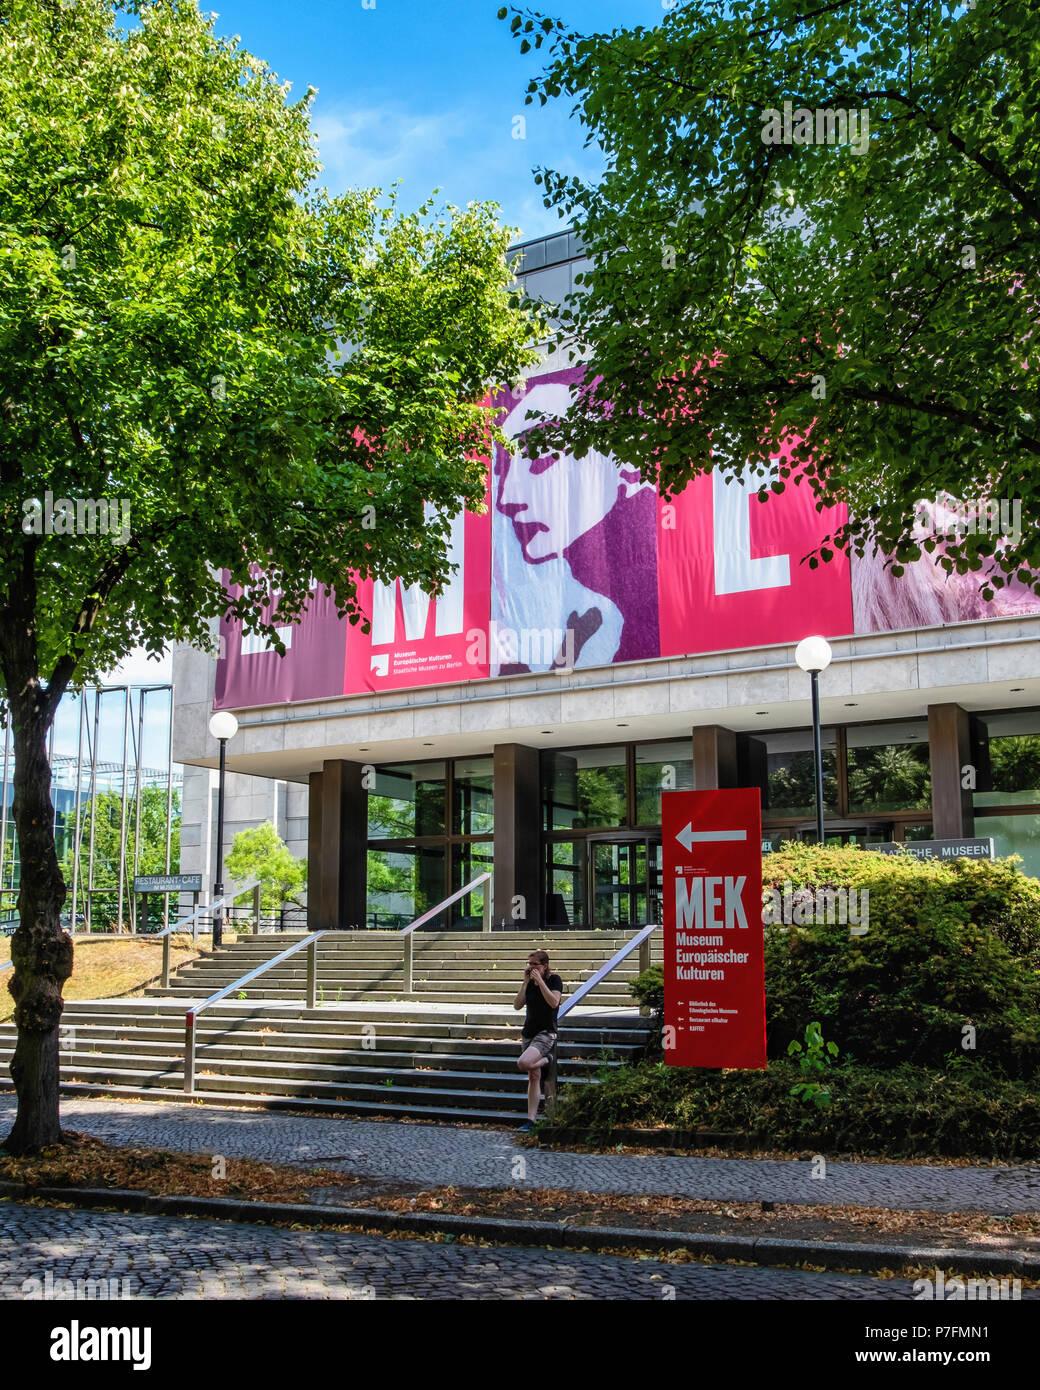 Berlín, distrito de Dahlem. El MEK, el Museo de las culturas europeas exterior edificio Imagen De Stock